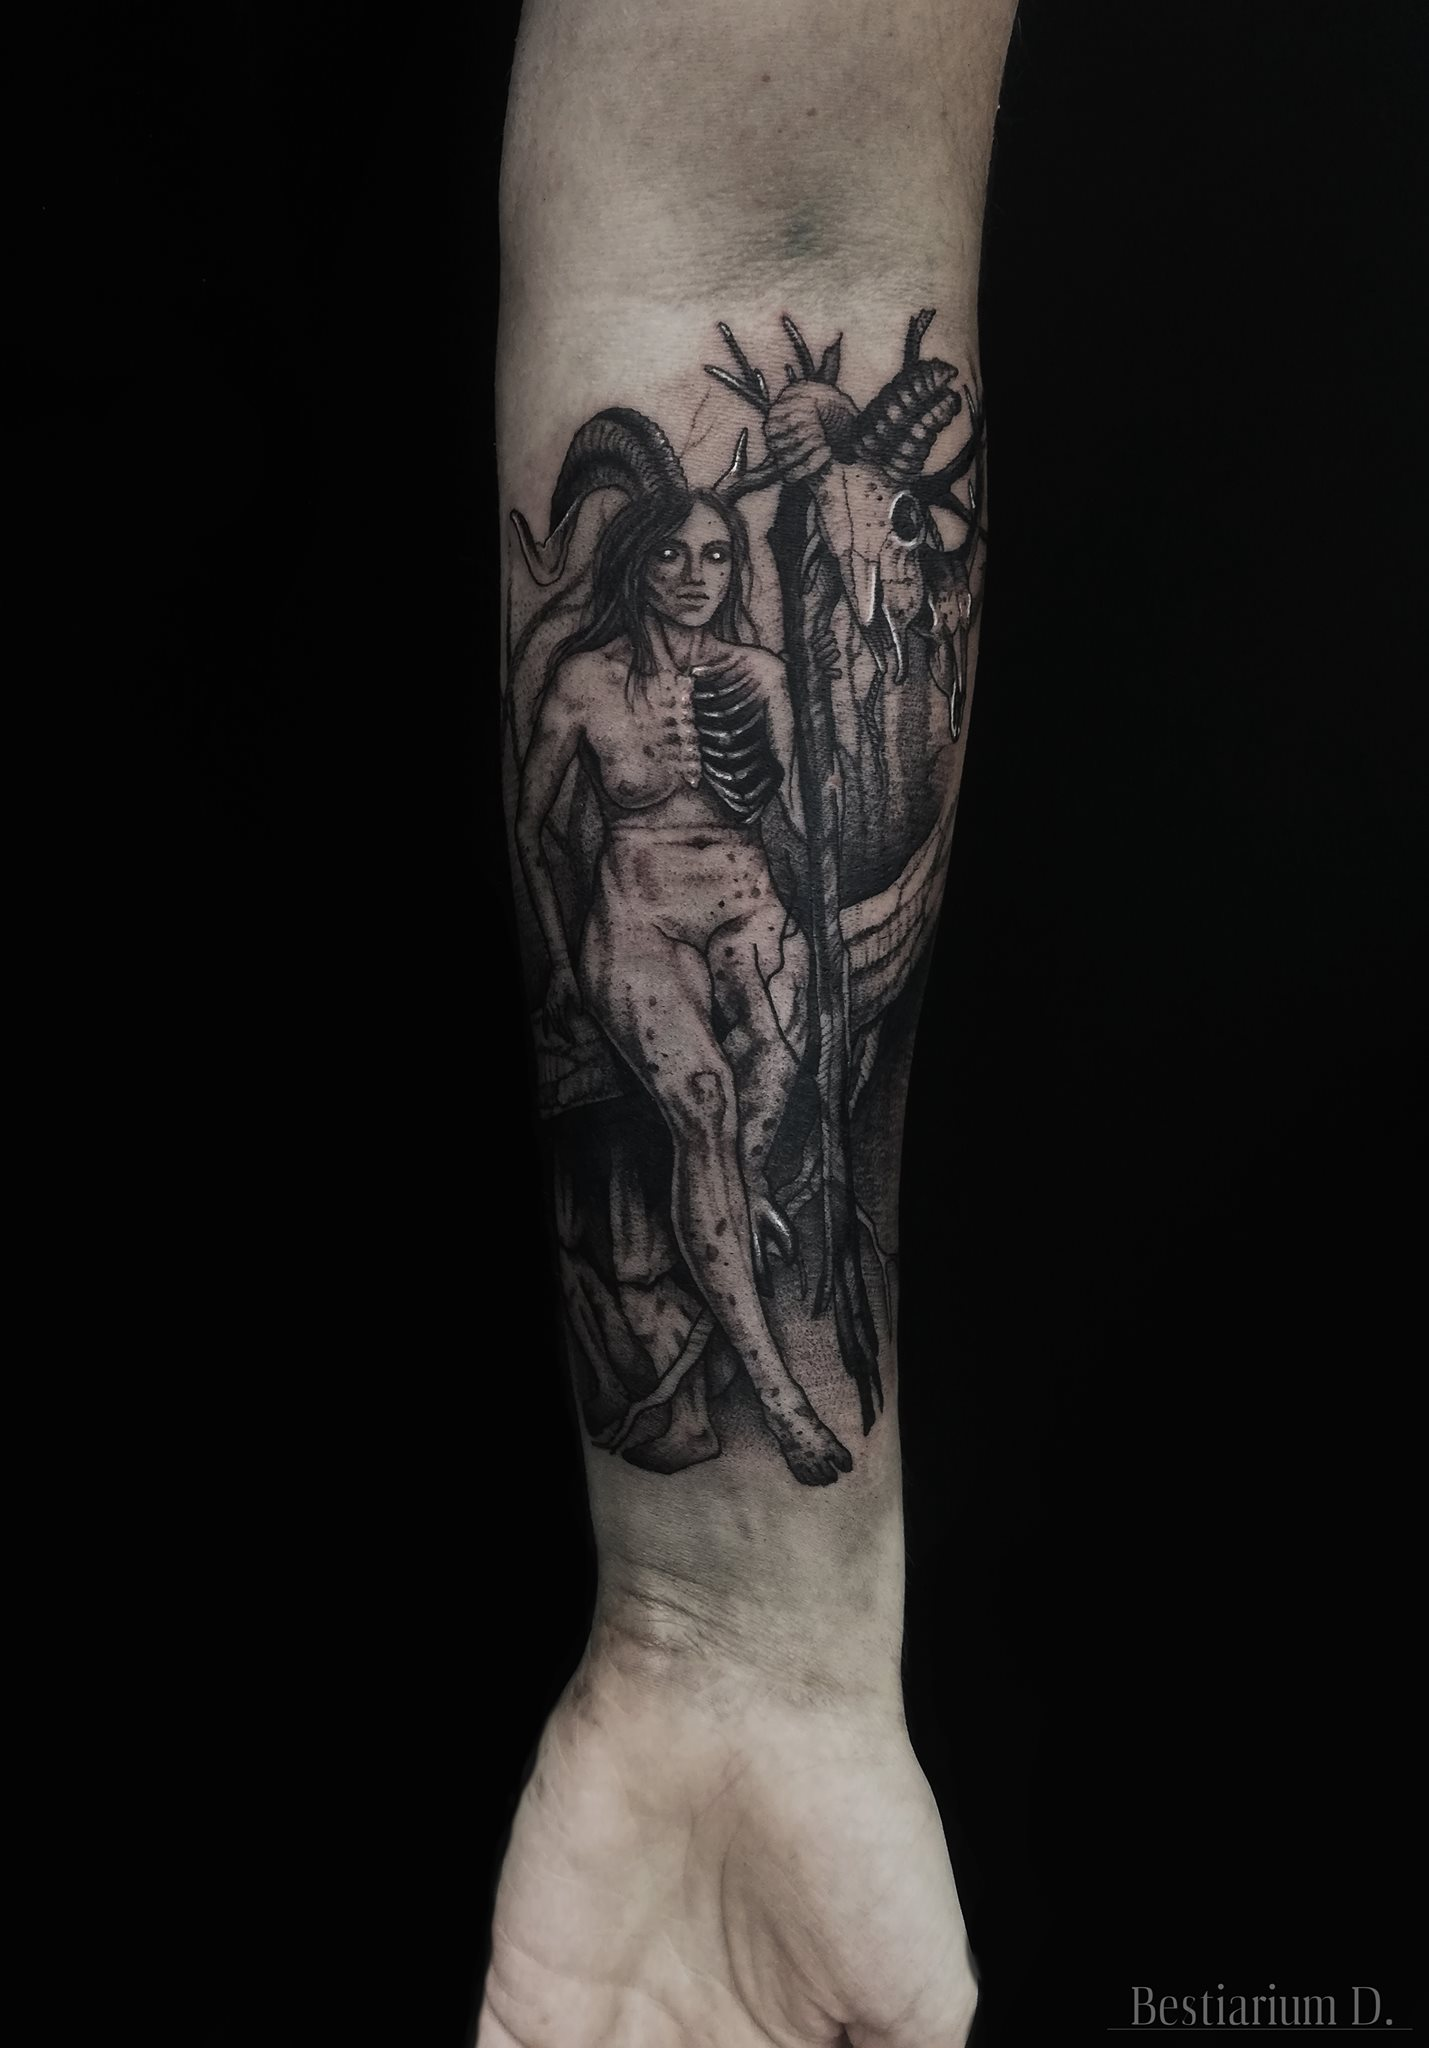 Inksearch tattoo Dorota Iwaniuk - Bestiarium D.